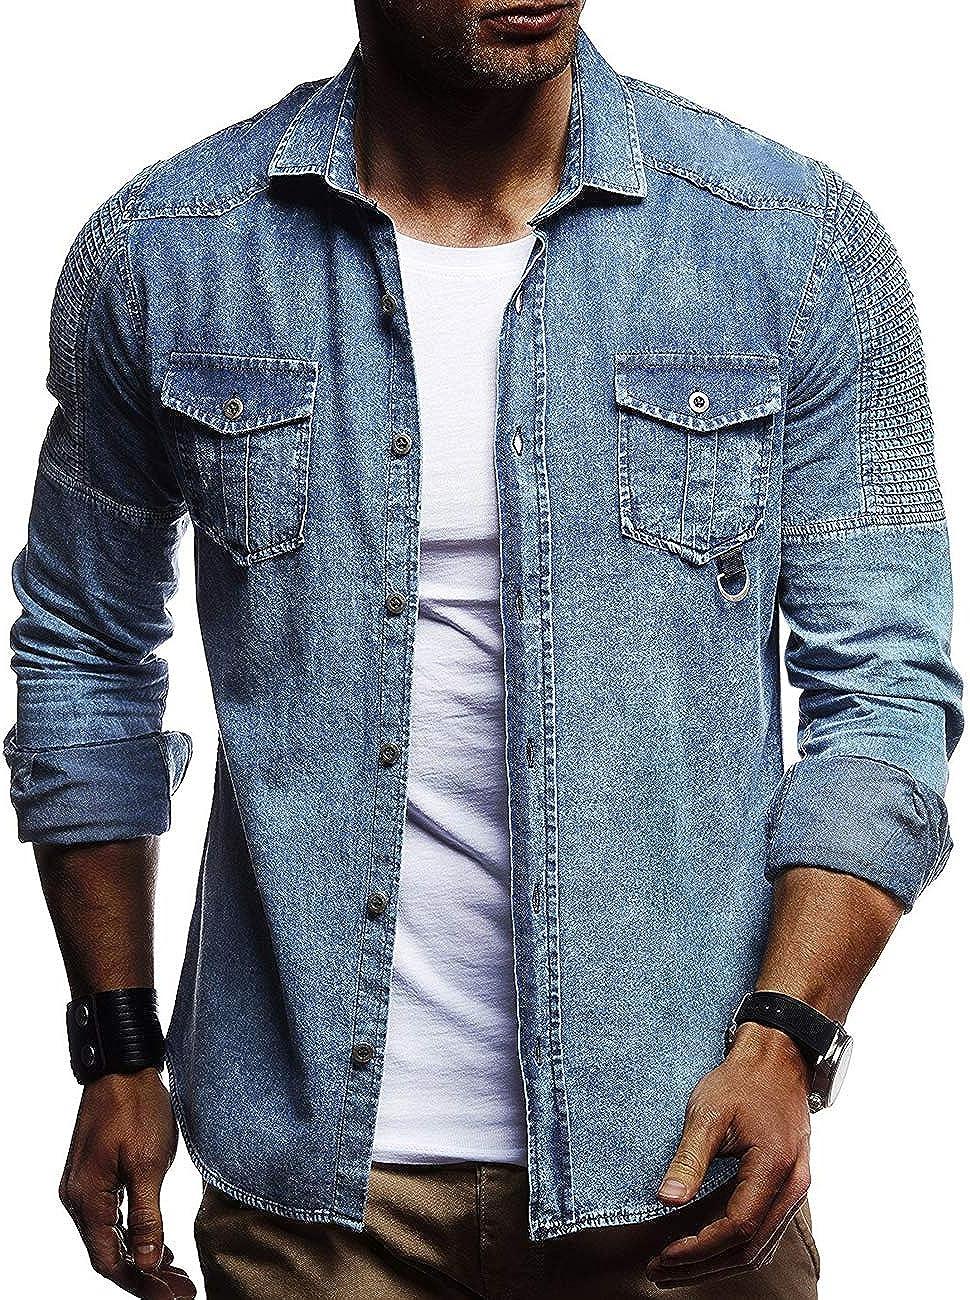 Camisa vaquera de manga larga para hombre de SoMTHRON, corte ajustado, tallas M-3XL: Amazon.es: Ropa y accesorios